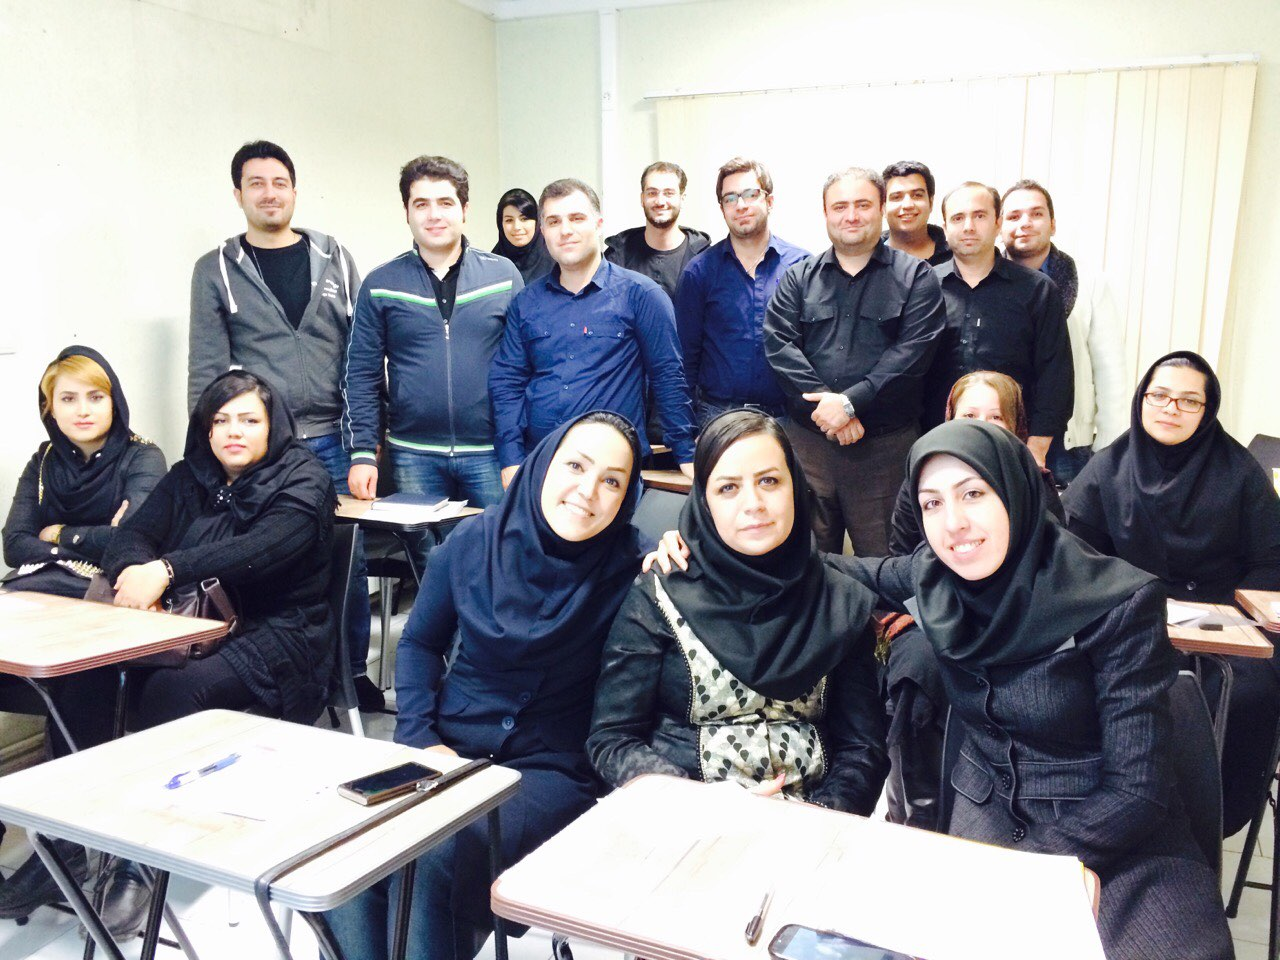 کارگاه تهیه و تنظیم دفاتر قانونی – تهران دفتر پارک ساعی